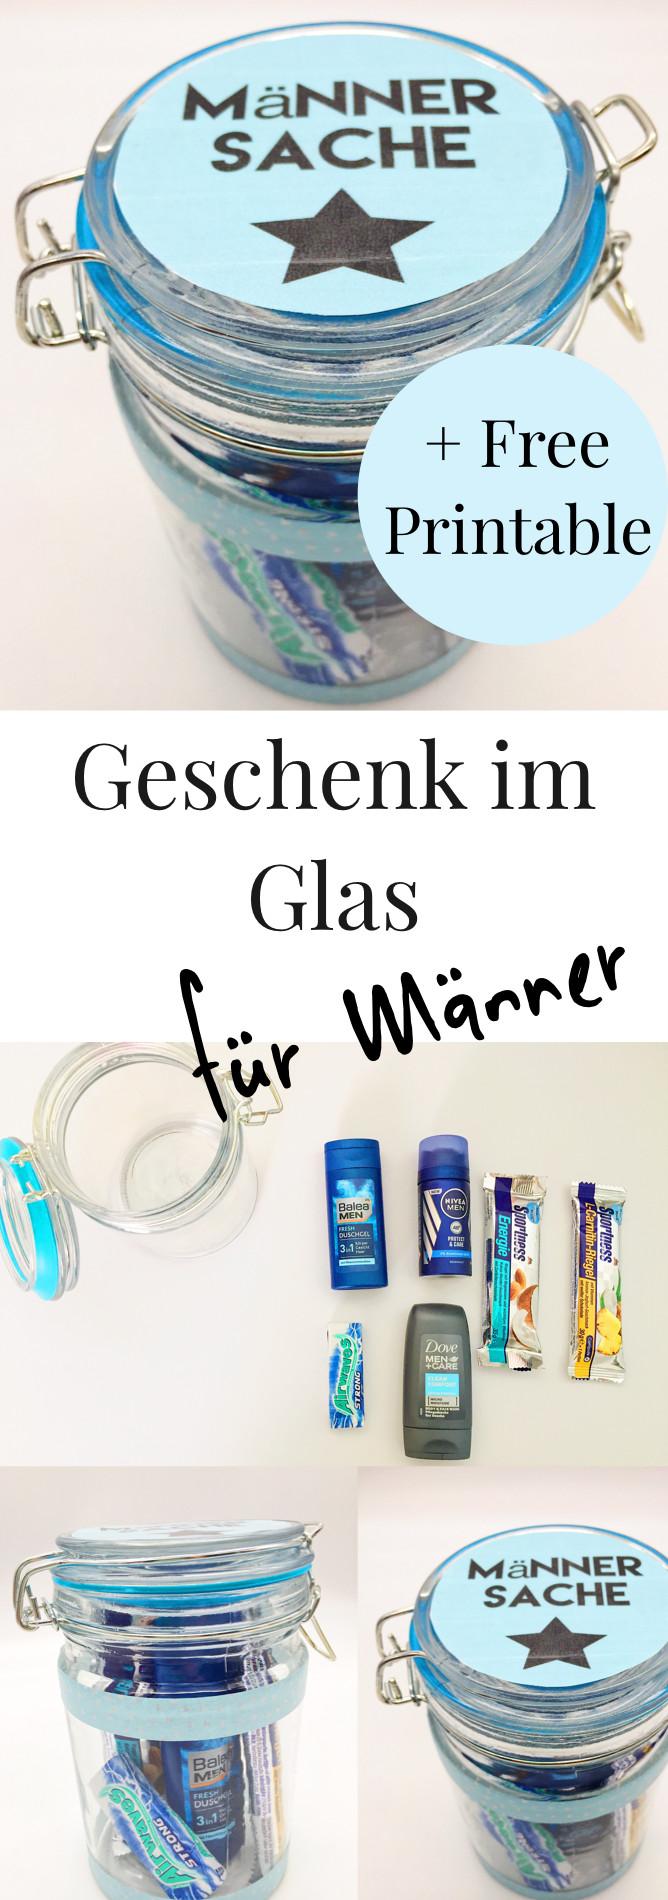 Geschenke Für Männer Zum Geburtstag Selber Machen  DIY Geschenke im Glas selber machen Pinterest